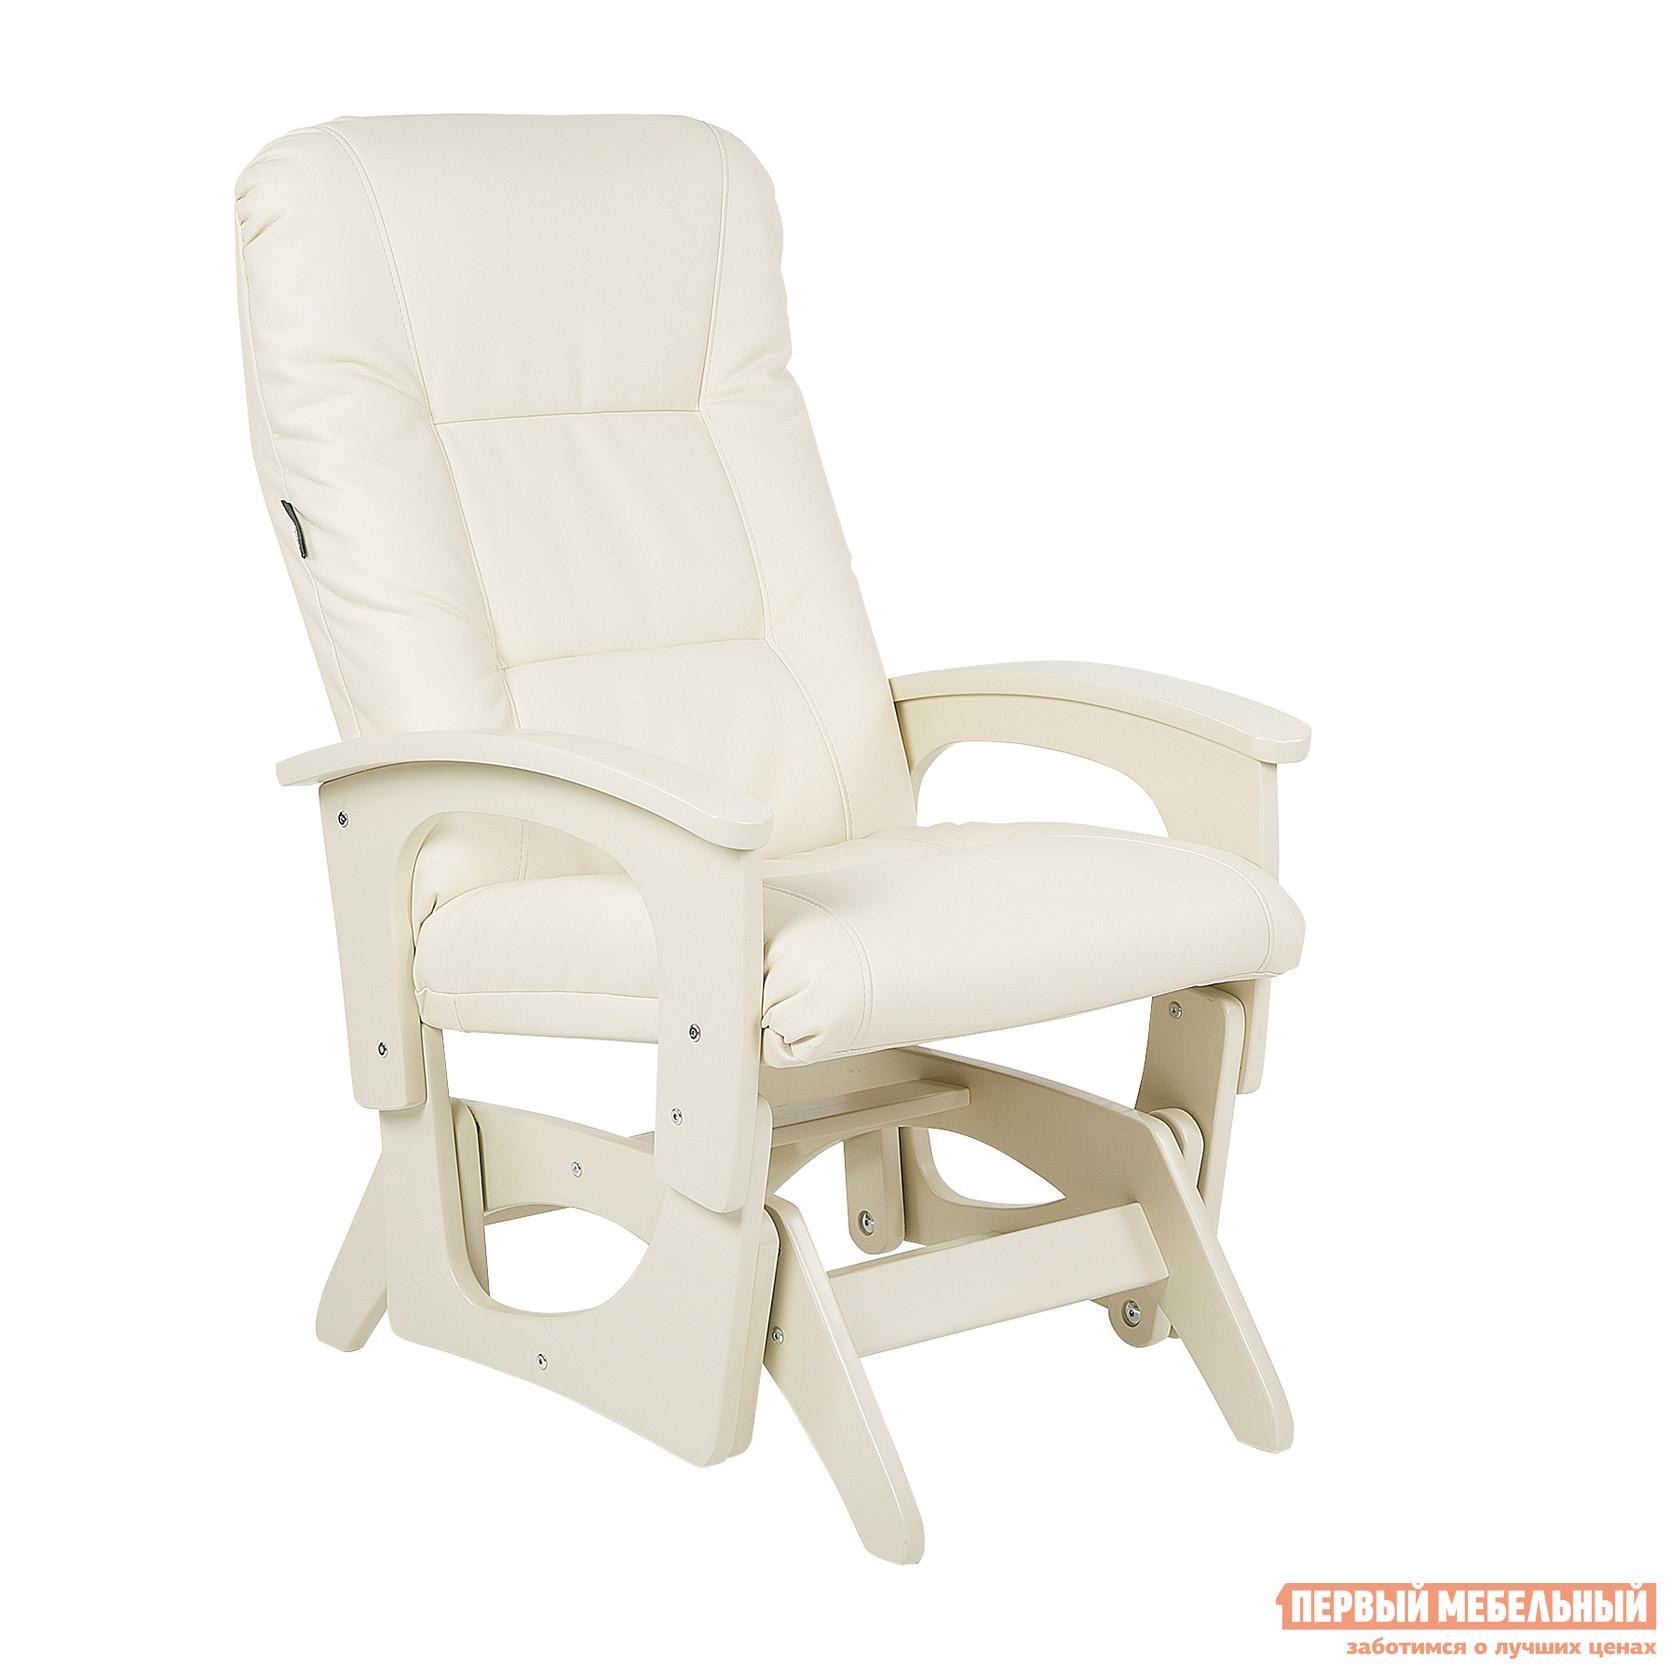 Кресло-глайдер Грин Три Кресло-глайдер Тахо 3